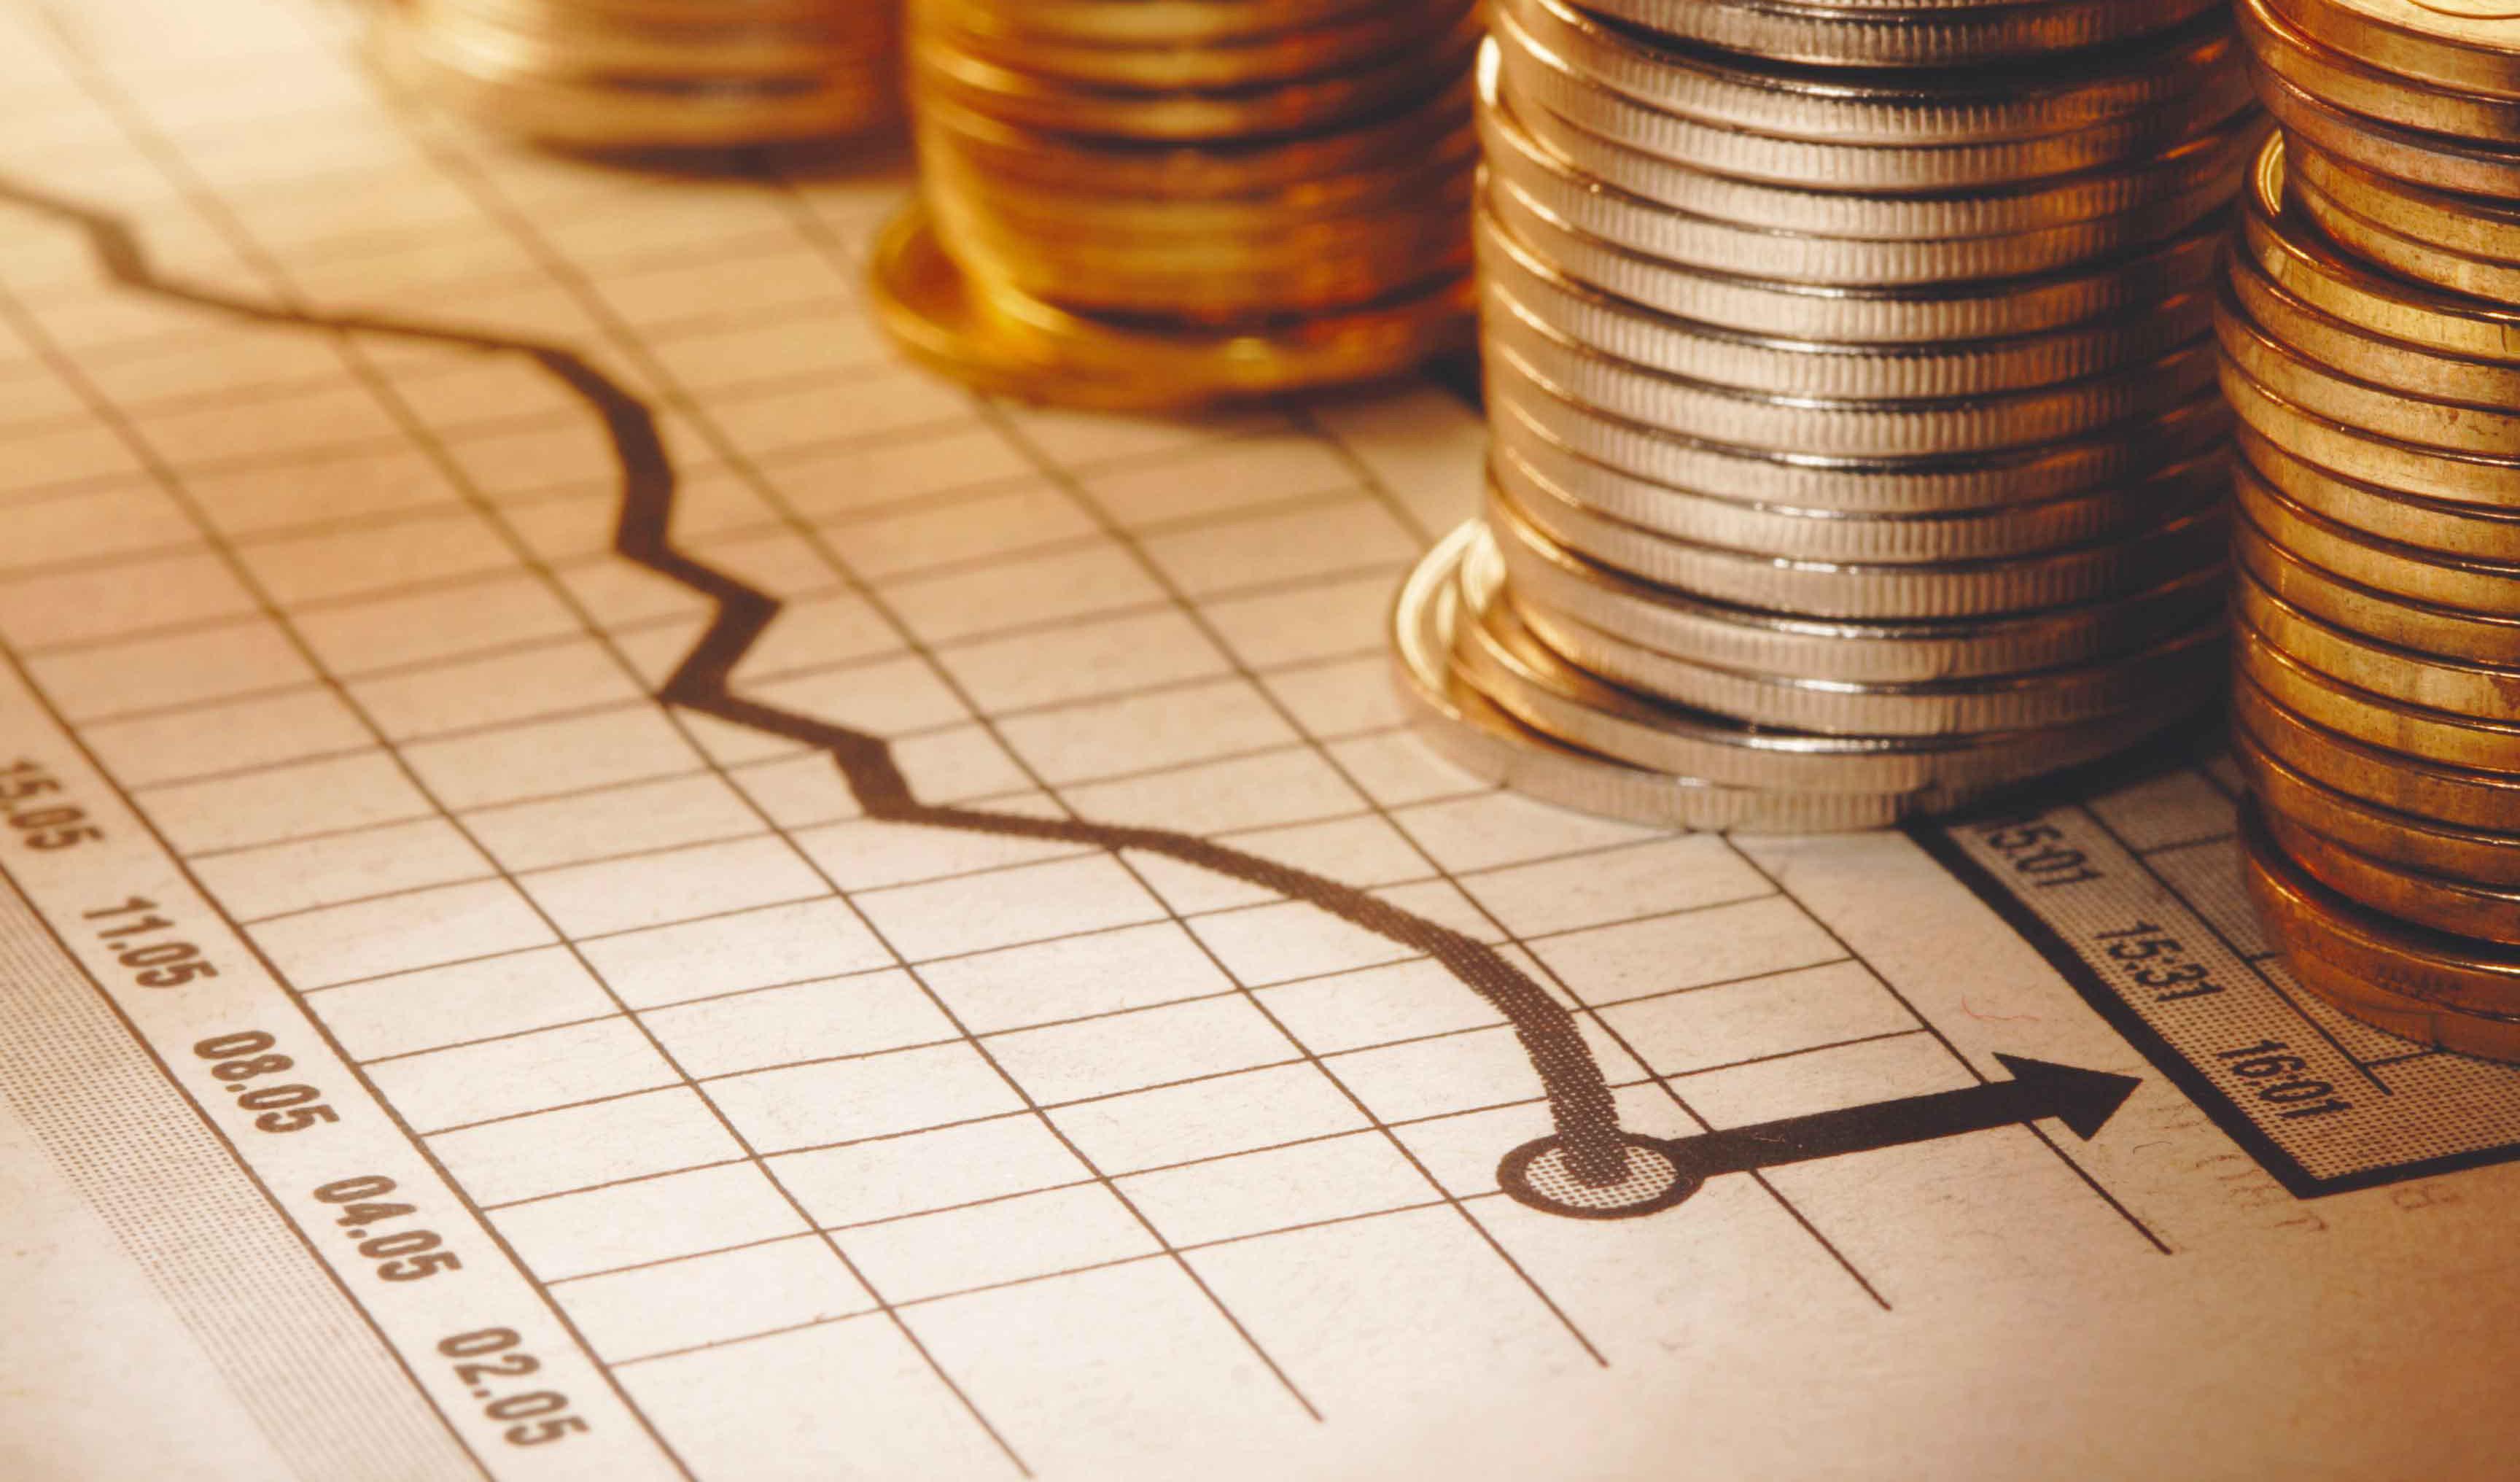 وضعیت اقتصاد در سال ۹۸ چگونه بود؟